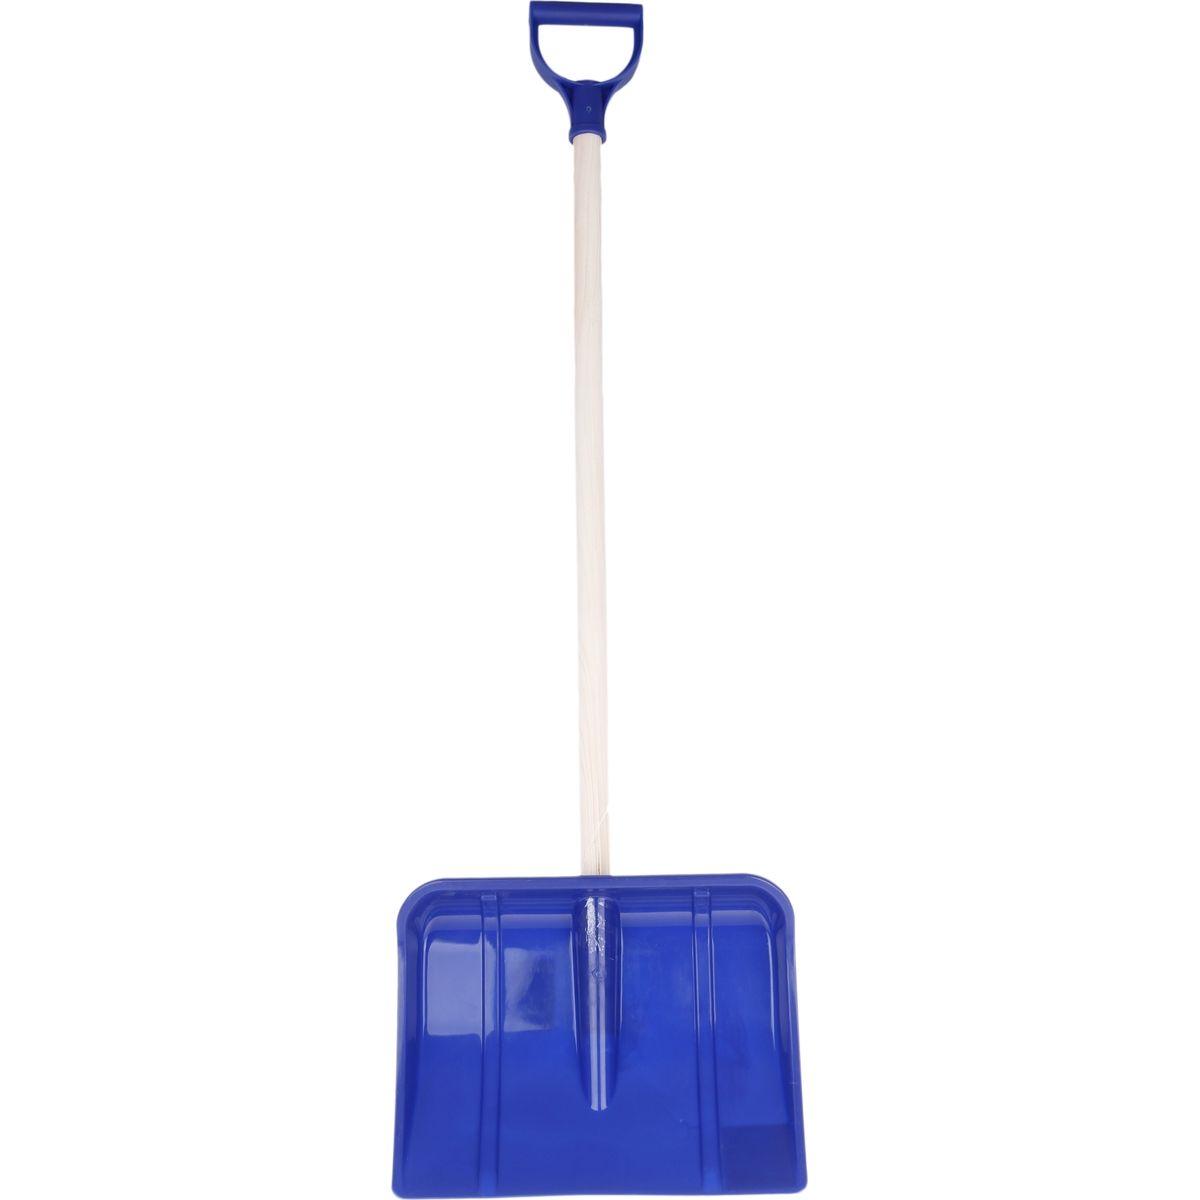 Lopata na vyhrnování sněhu 95 cm - Modrá